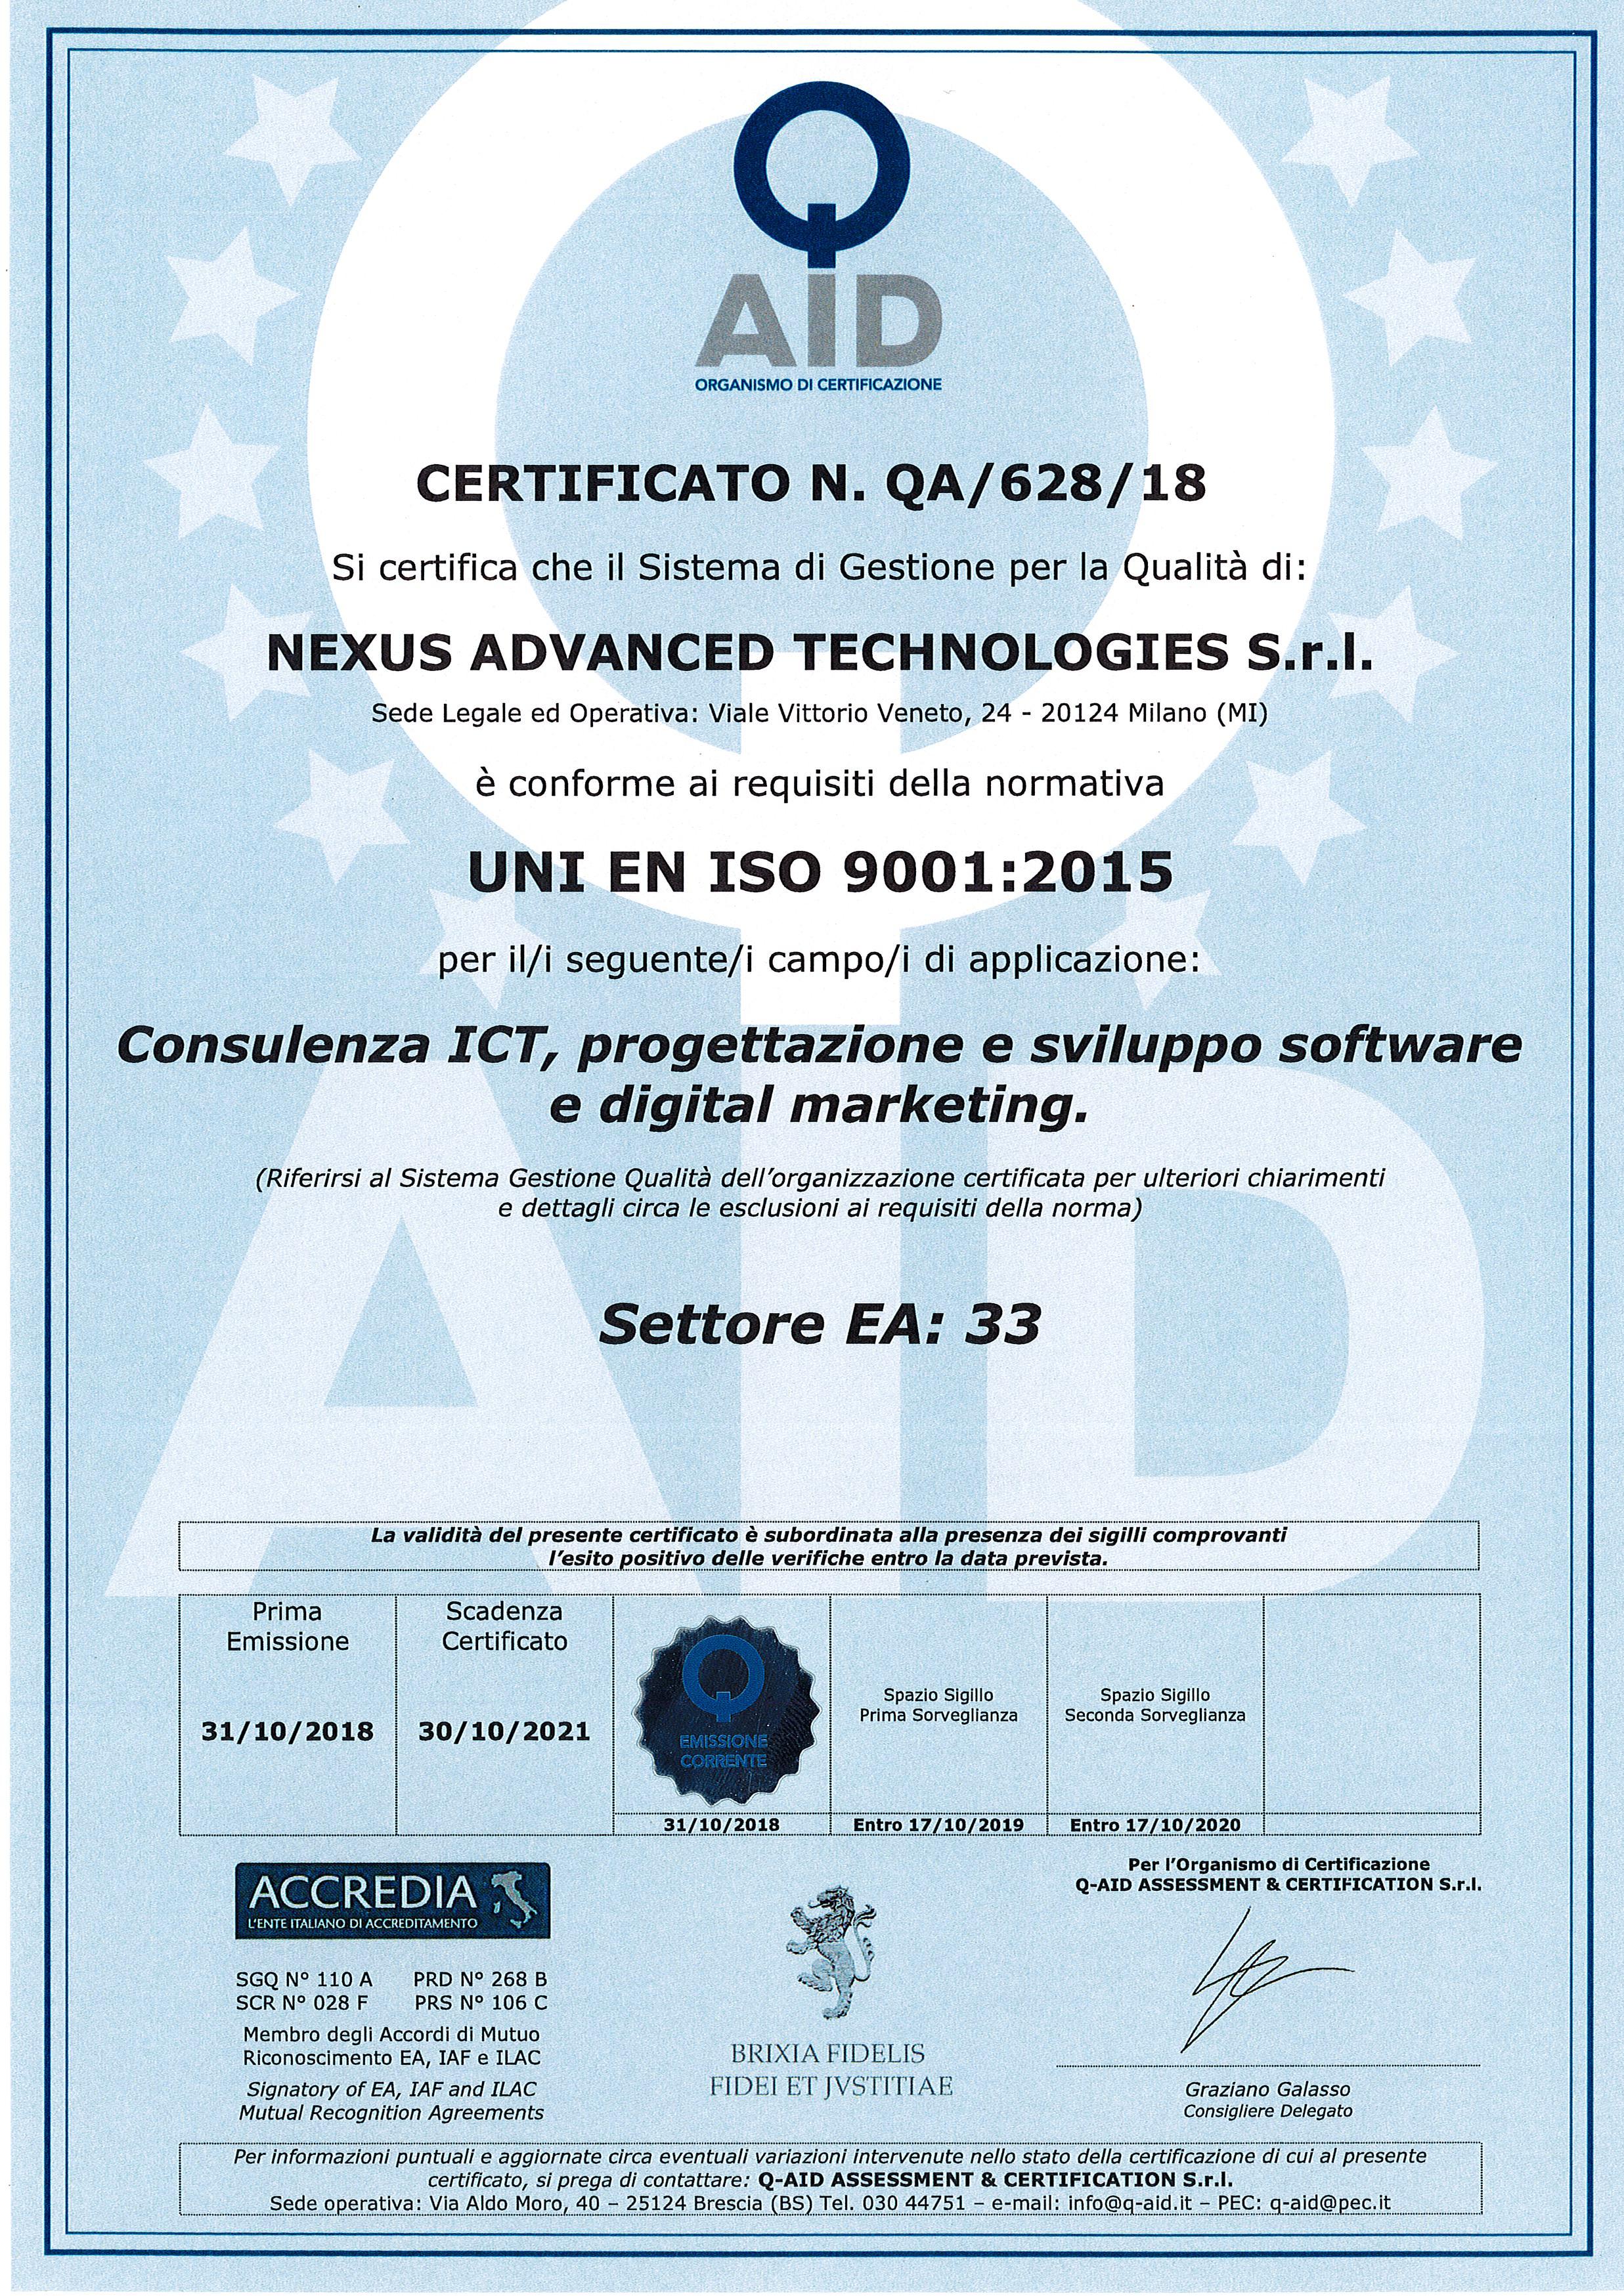 2018-10-31 - Certificato QA 628 18 (1)